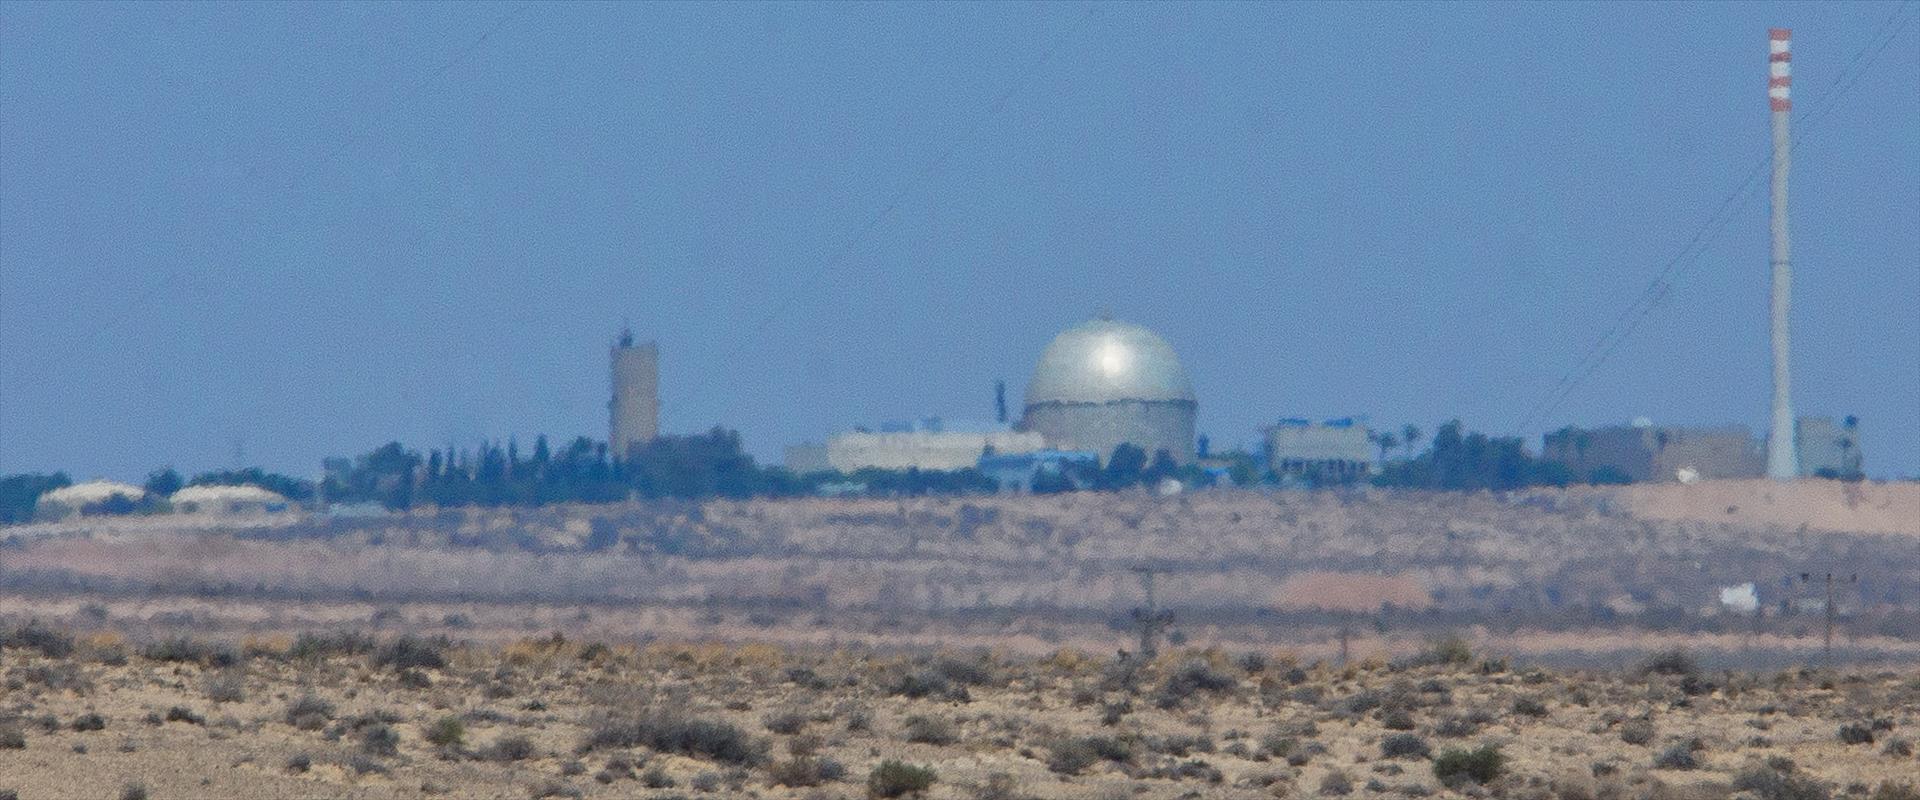 הכור הגרעיני בדימונה